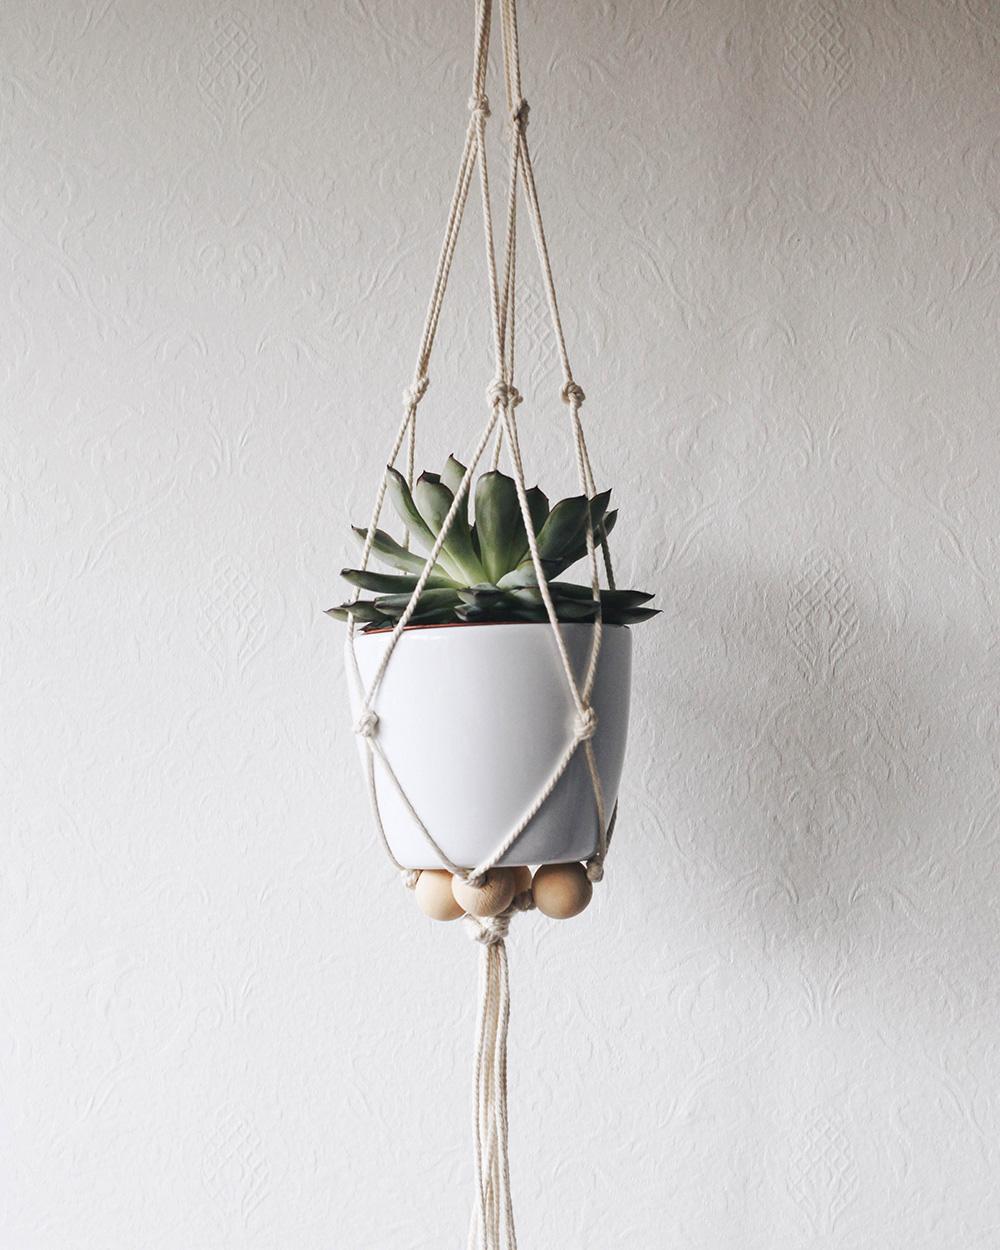 suspension plante diy macramé